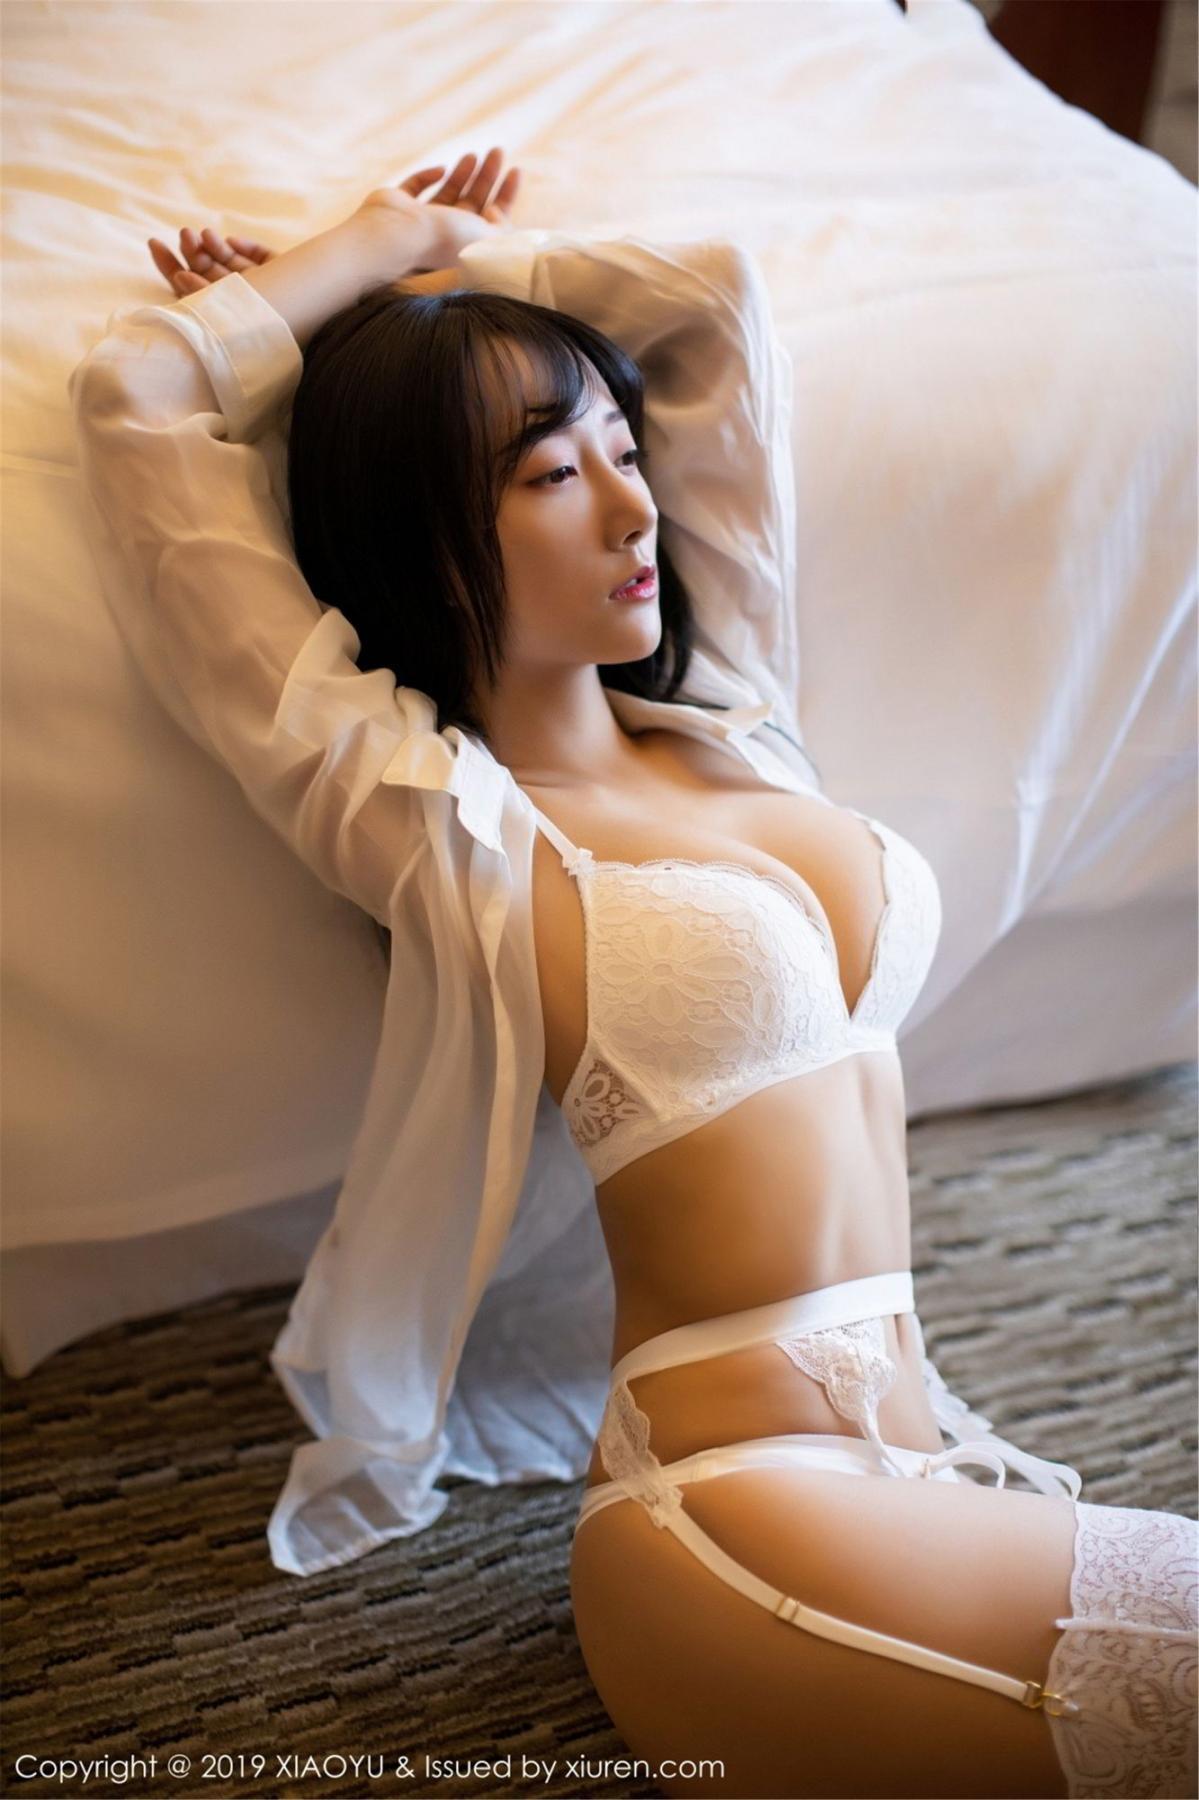 [XiaoYu] Vol.076 He Jia Ying 2P, He Jia Ying, Underwear, XiaoYu